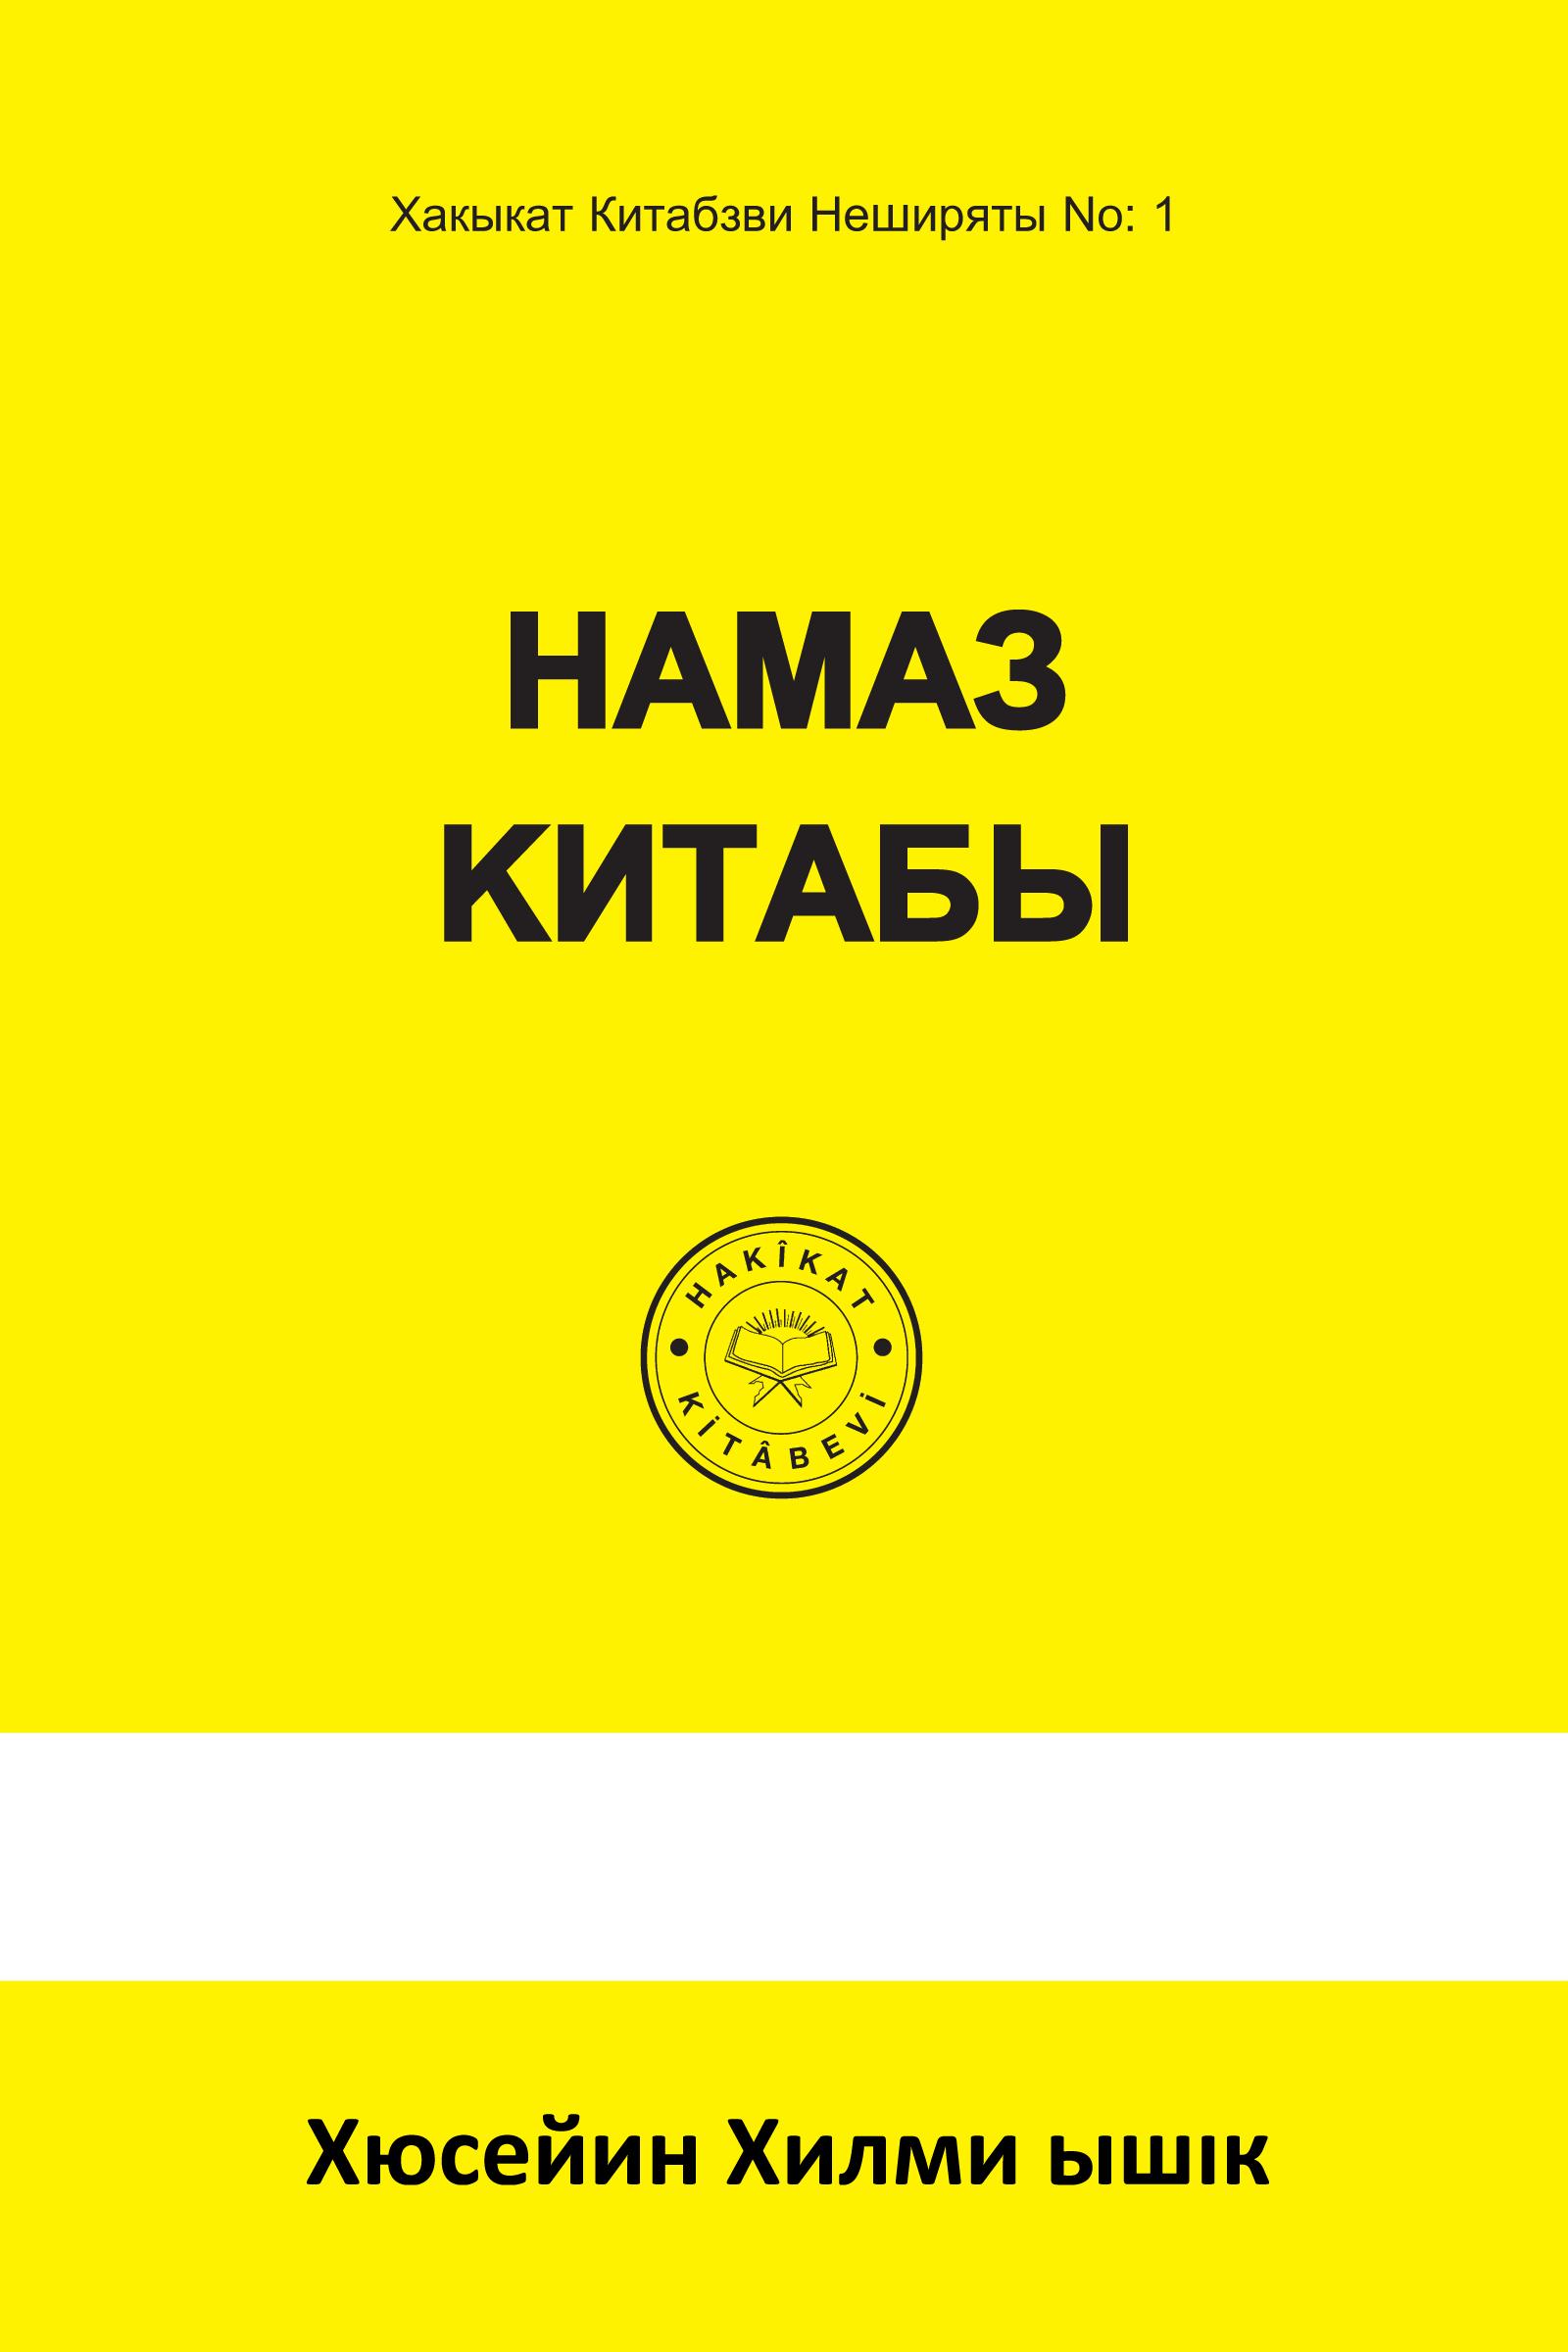 НАМАЗ КИТАБЫ